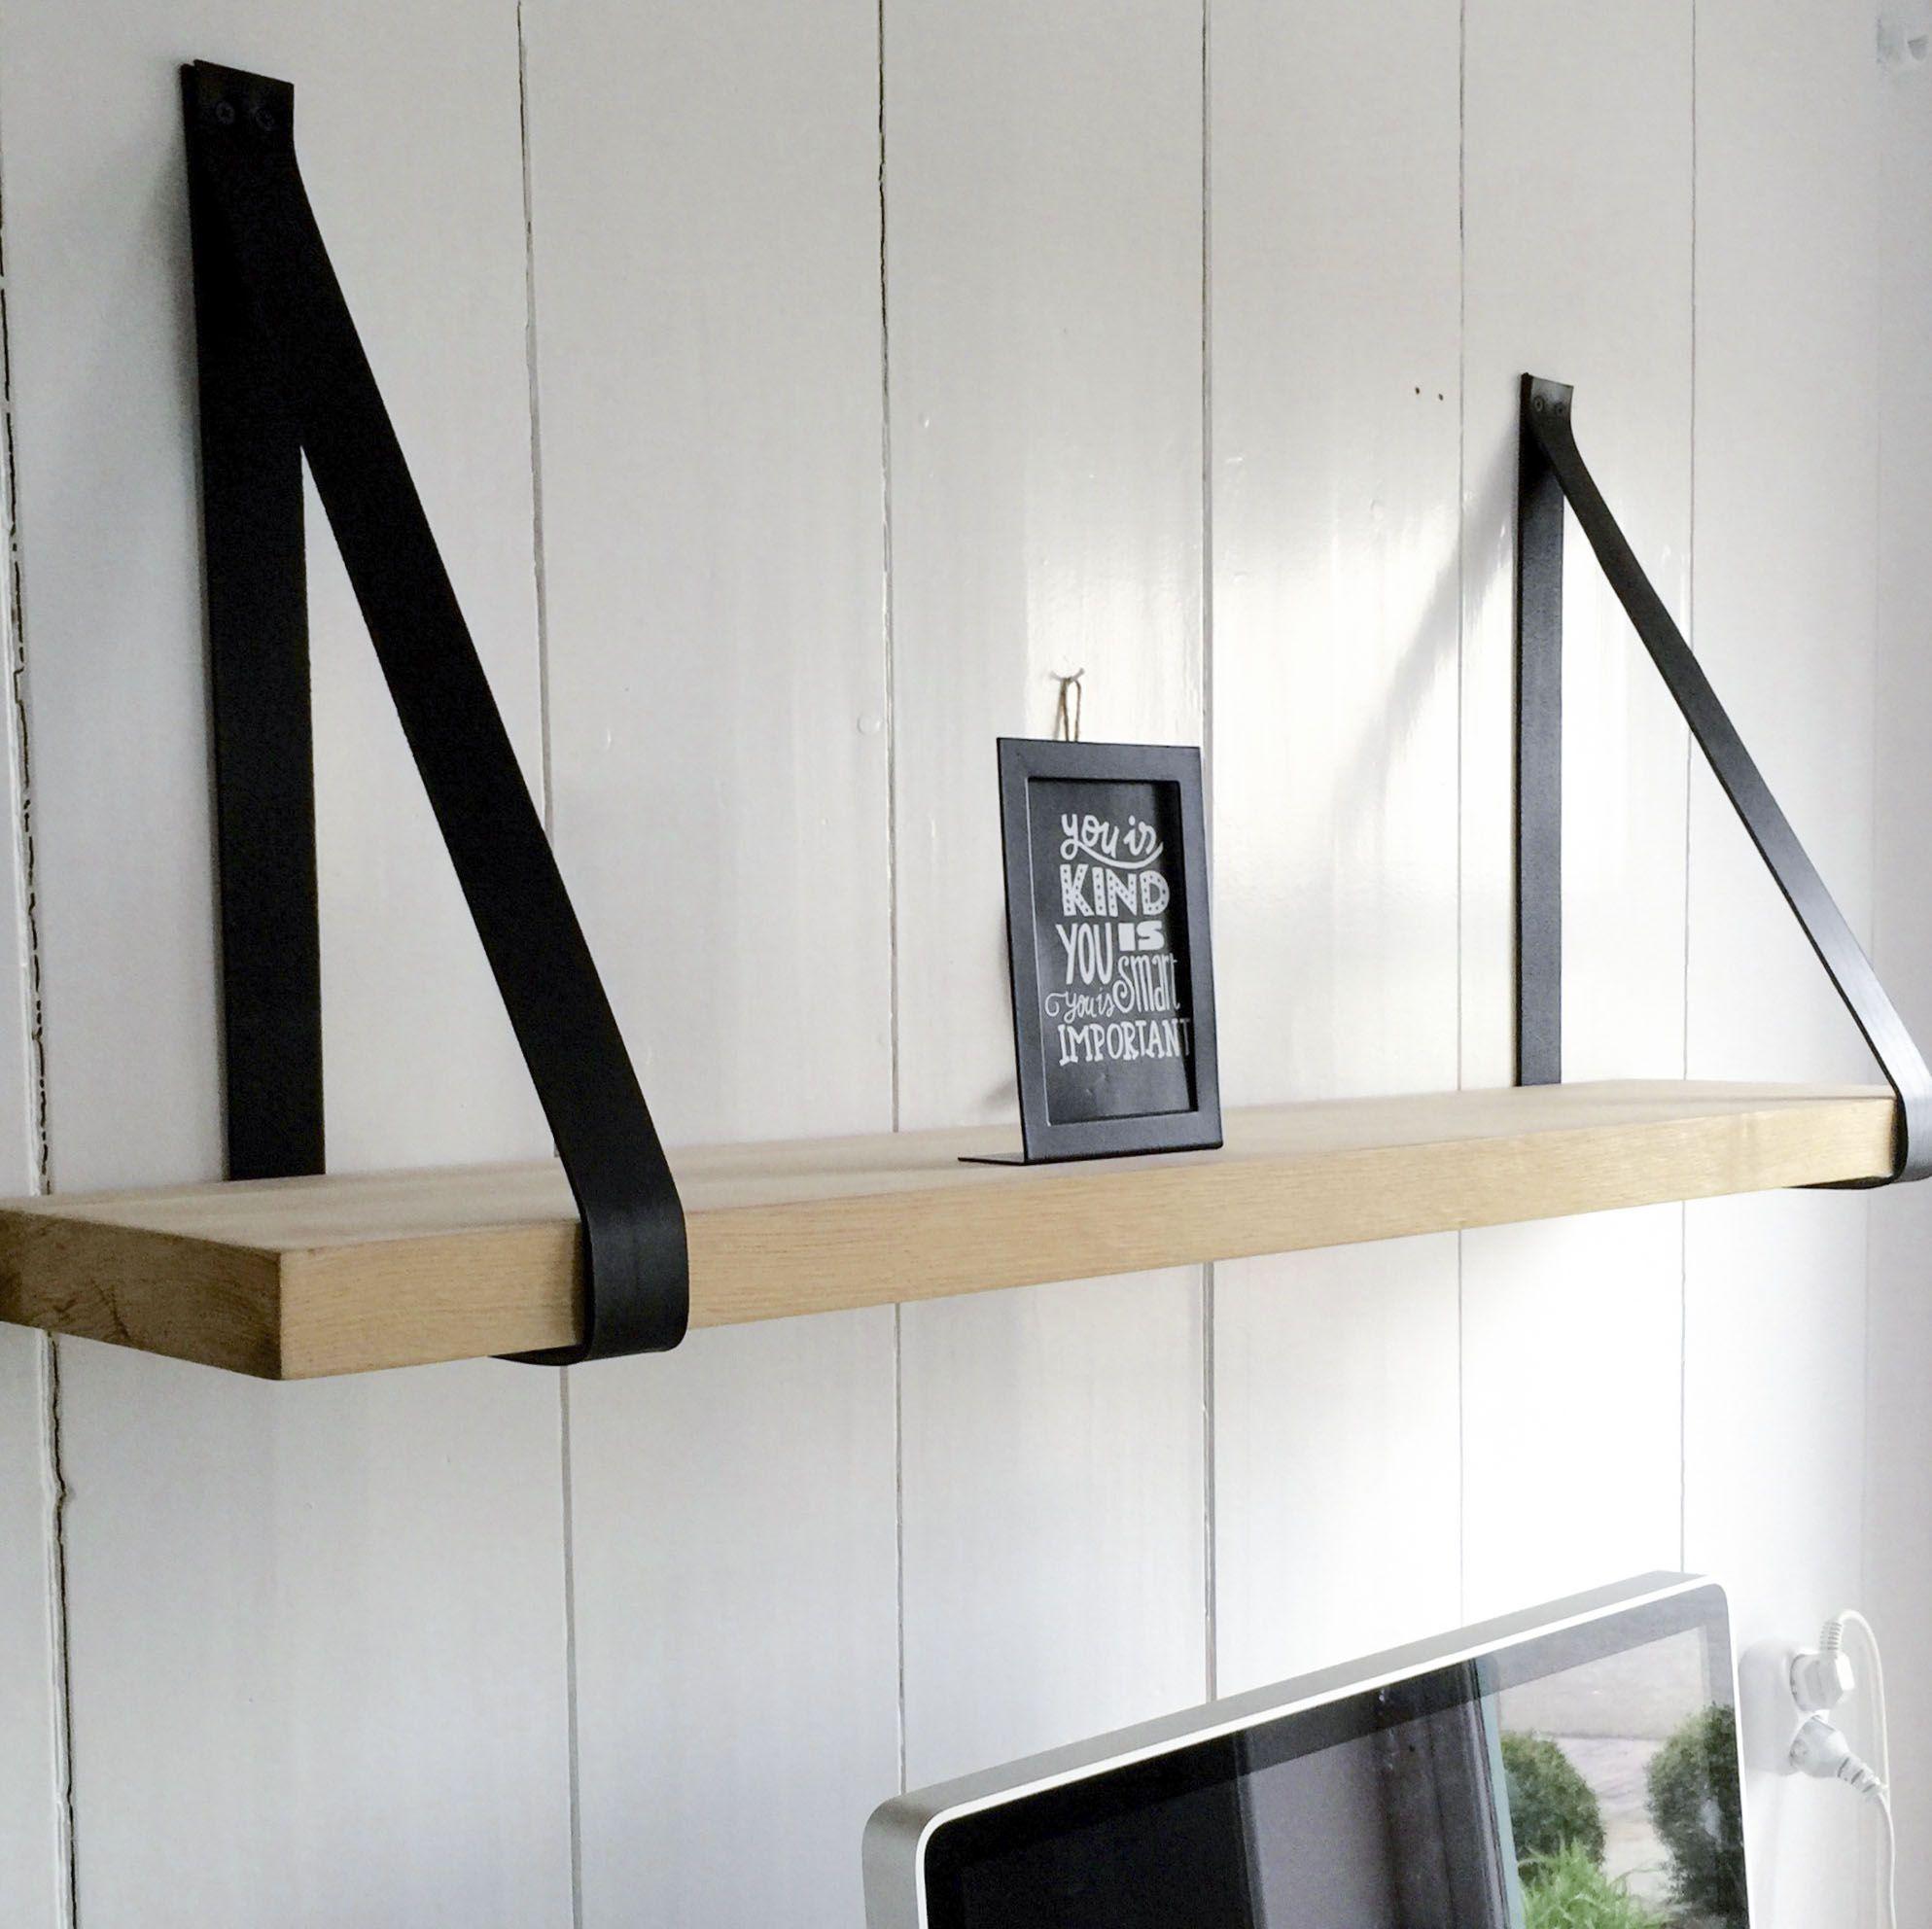 Mooie Houten Wandplank.Wand Plank Losse Plank Eiken 4cm Lederen Houder Superieur